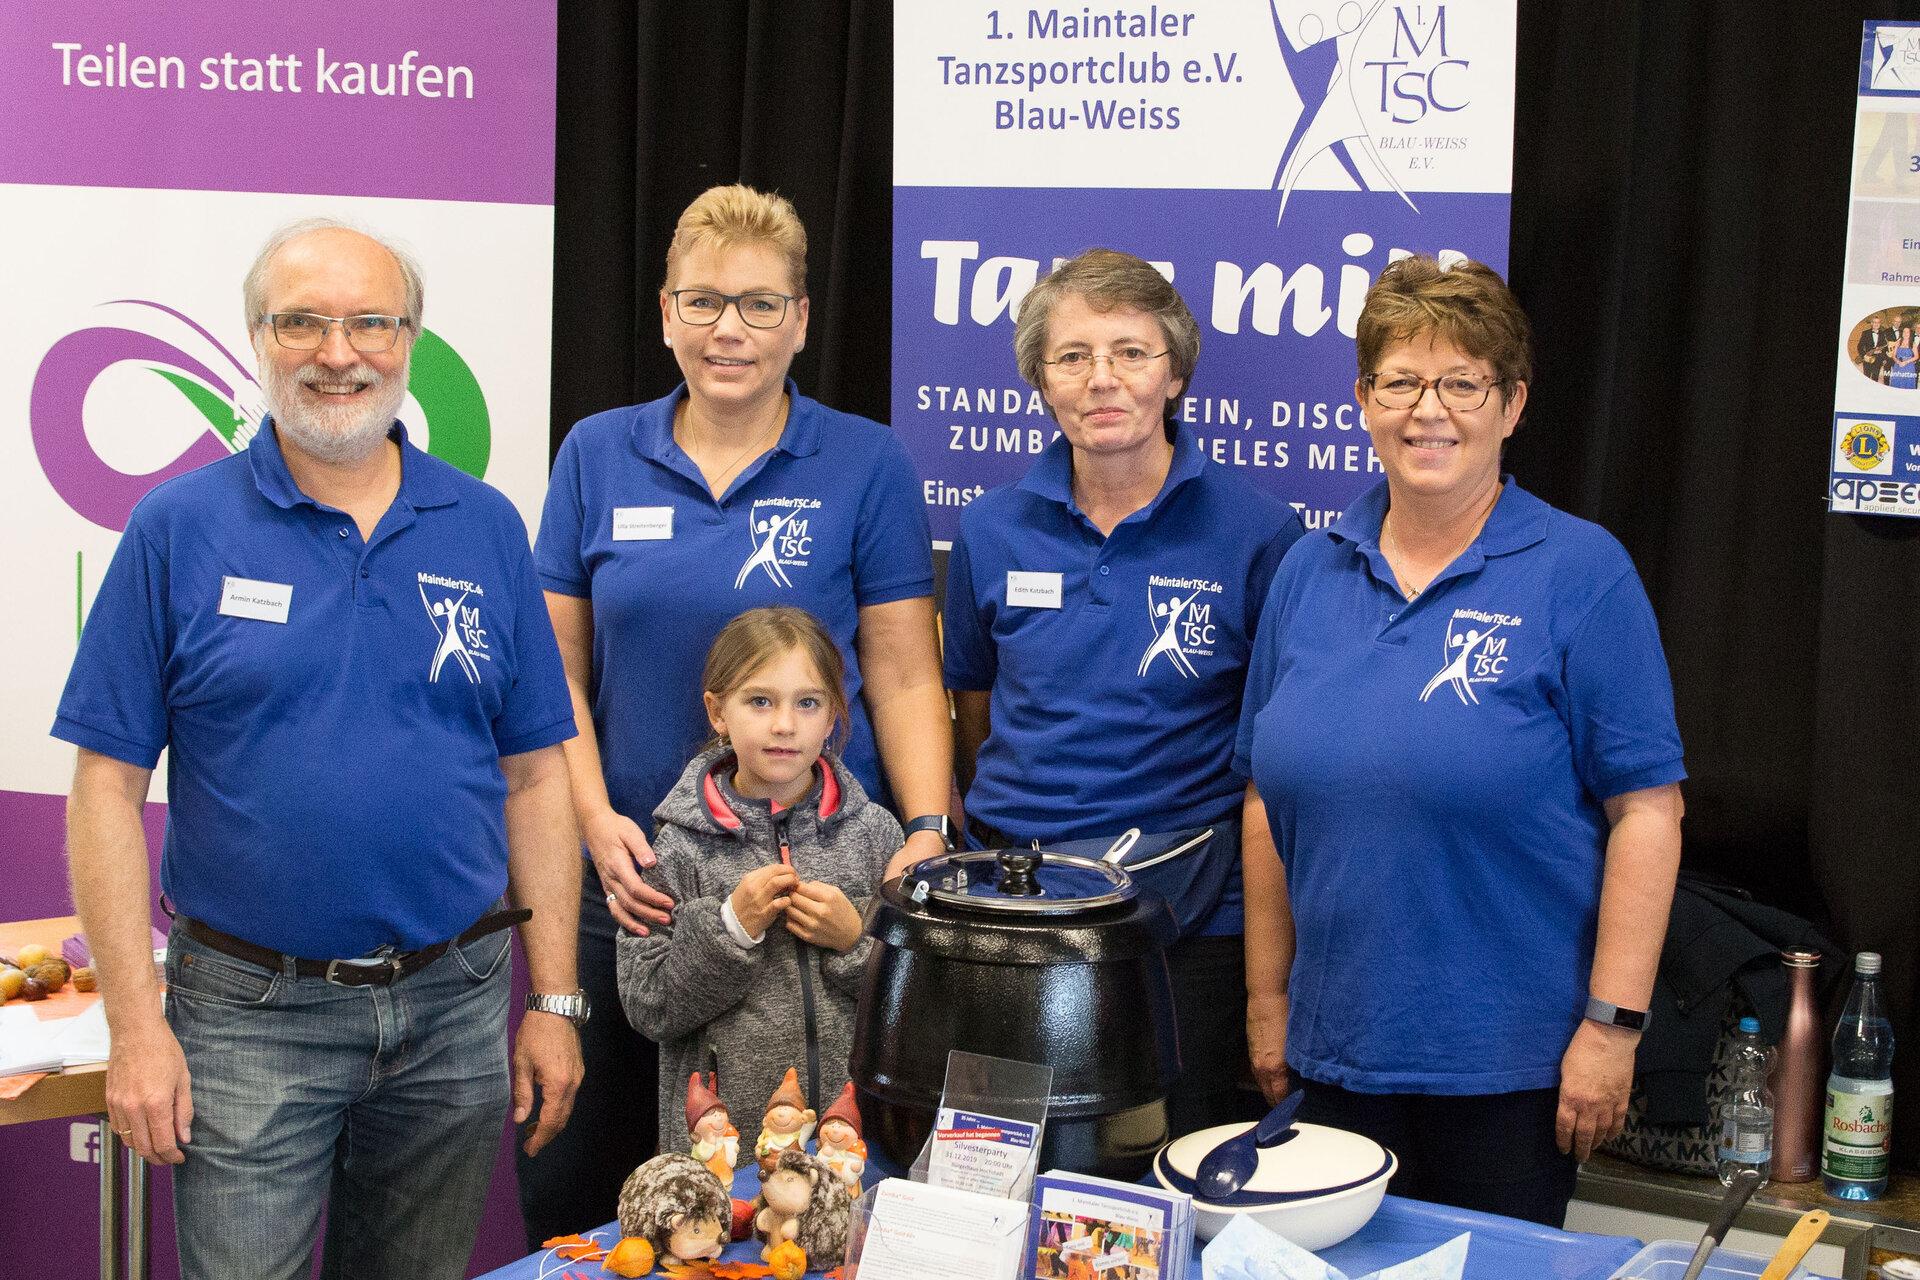 Bild zeigt das Team des 1. Maintaler Tanzsportclub e.V. Blau-Weiss